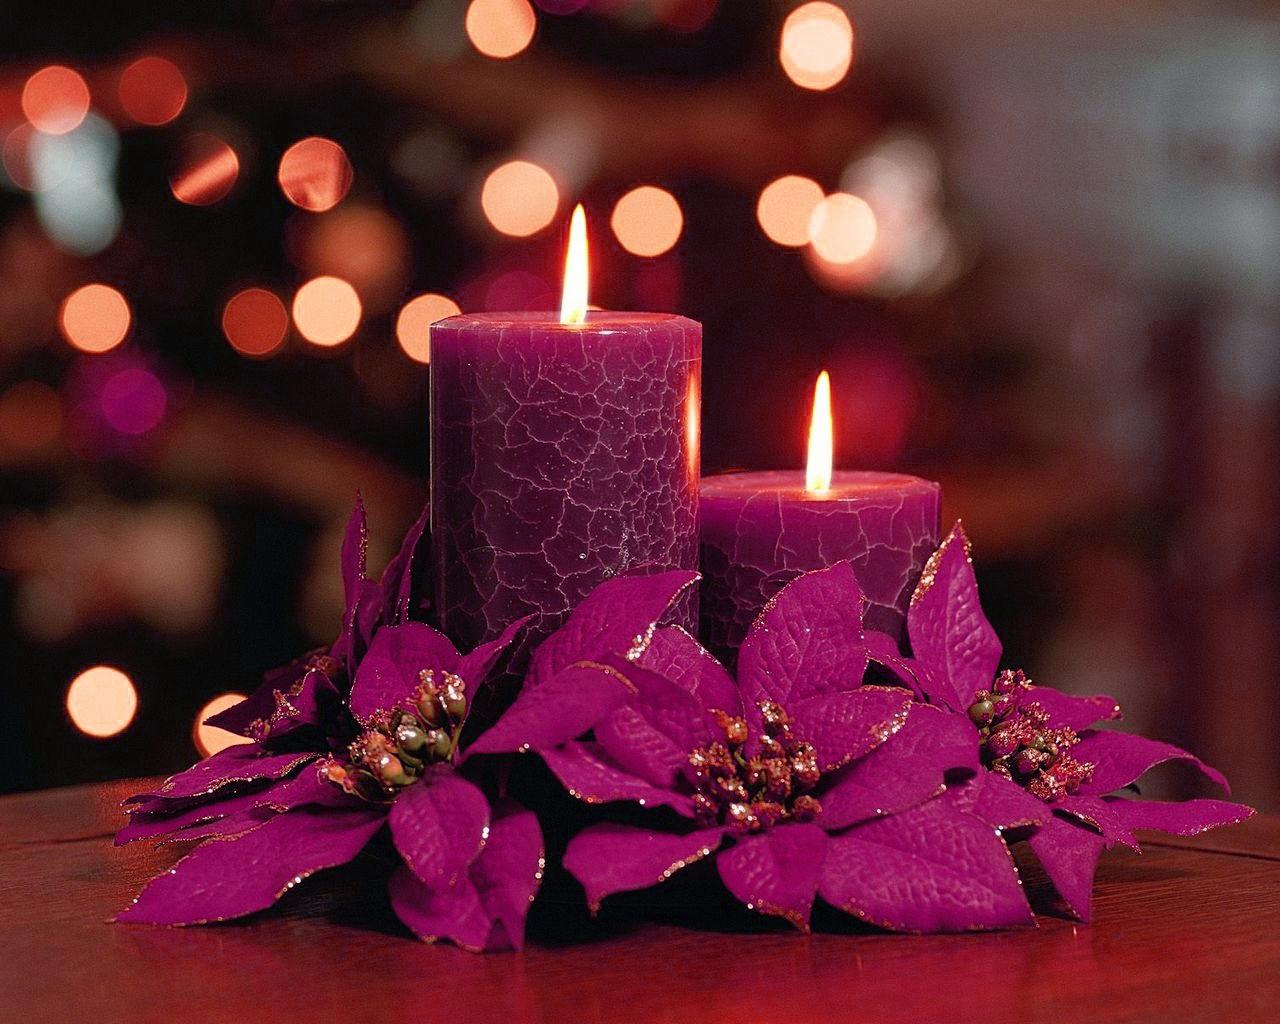 Sabes cual es el significado de los adornos navide os - Adornos navidenos con velas ...